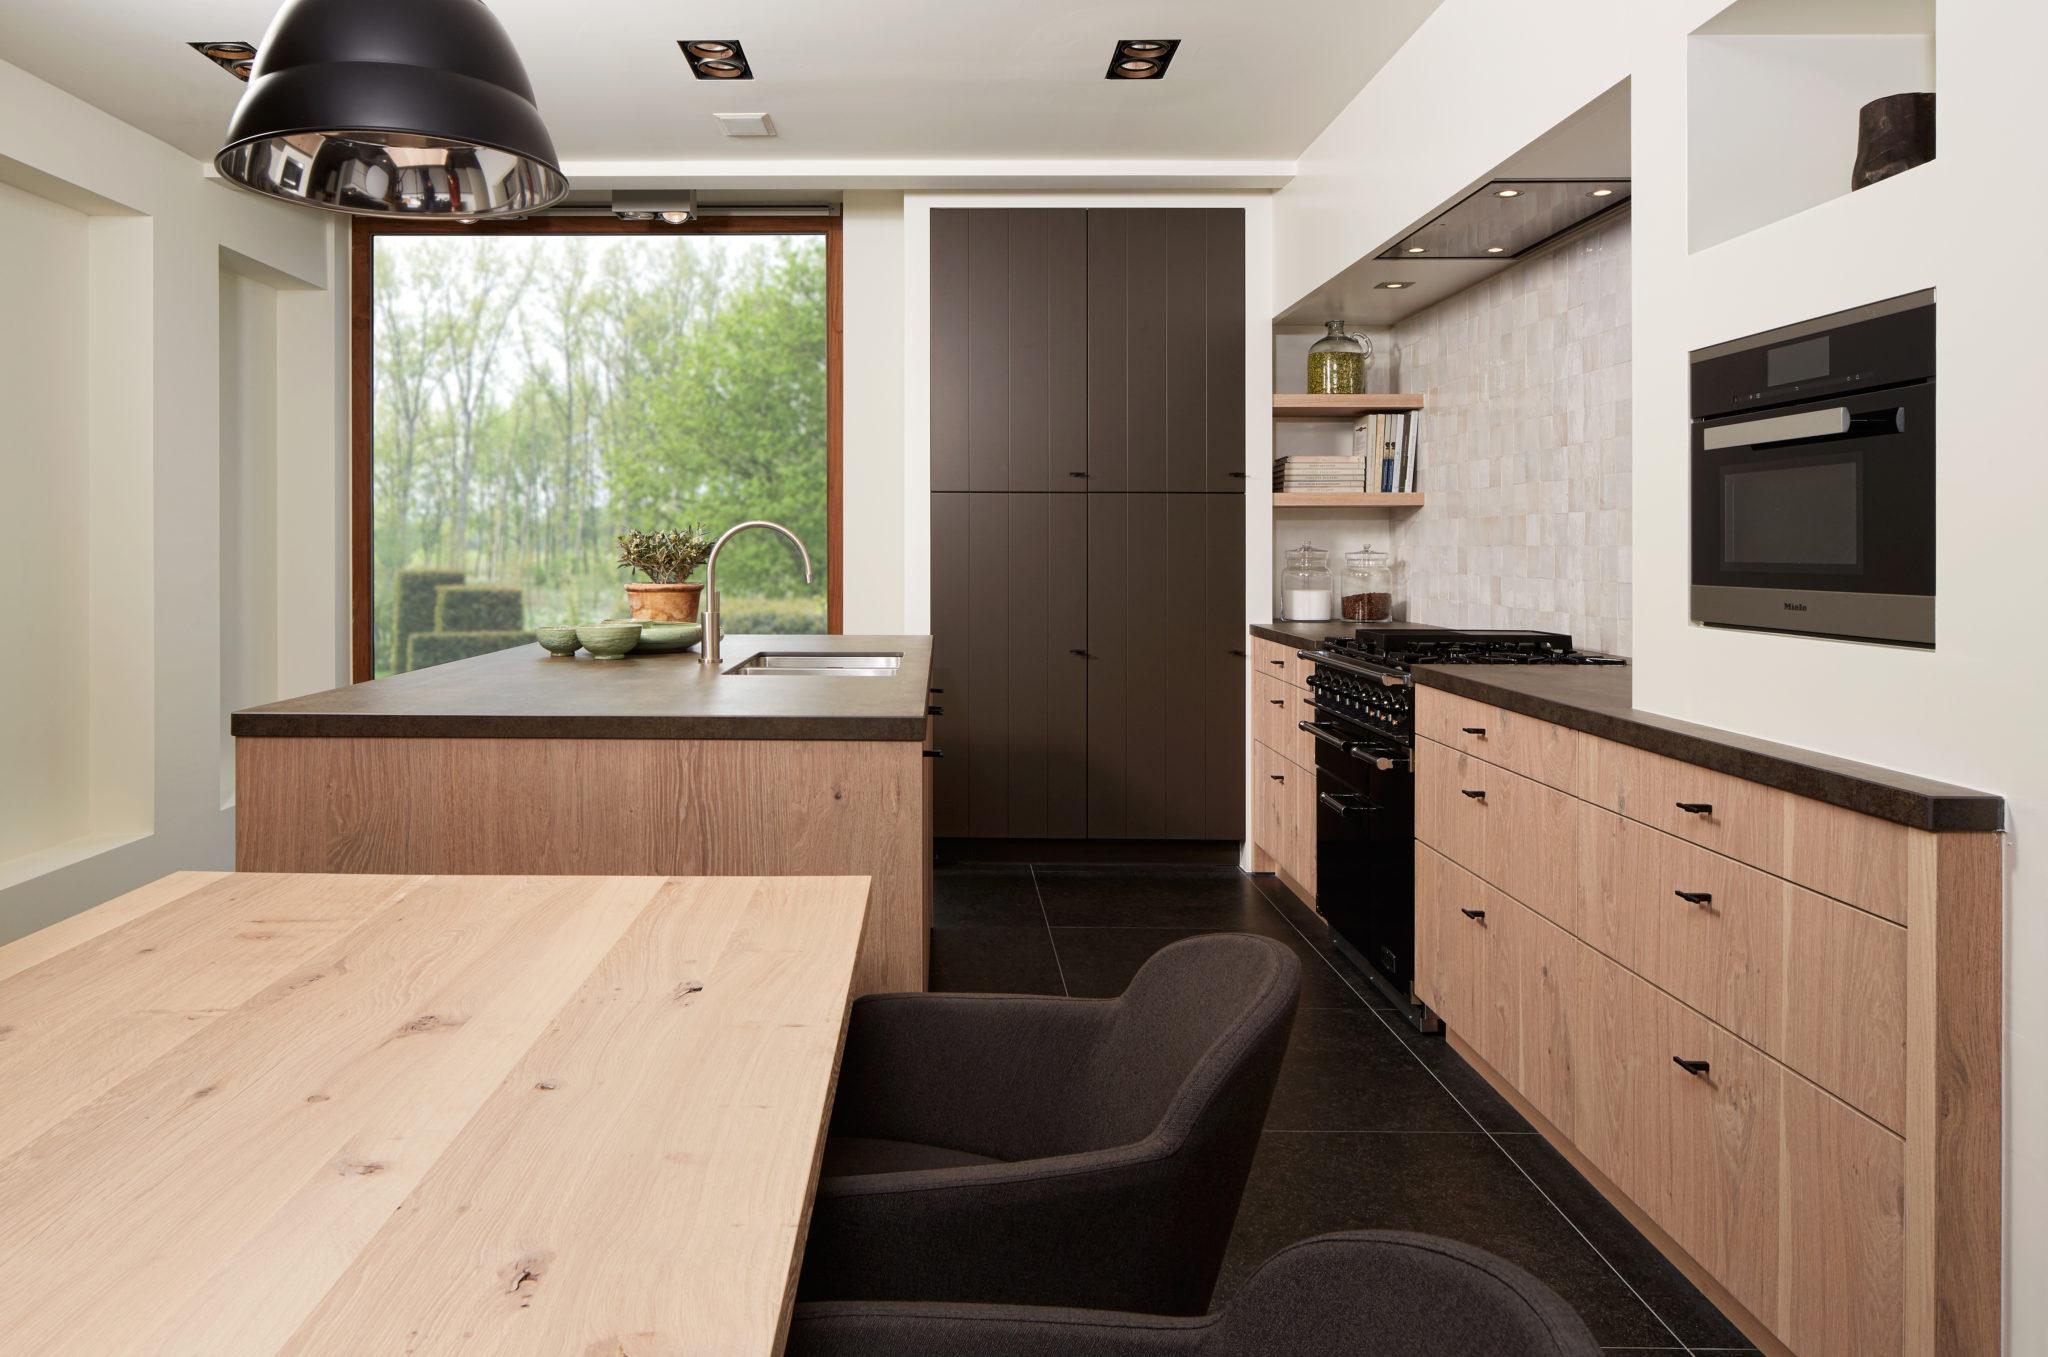 Kleine Landelijk Keuken : Landelijk en toch strakke keuken masure